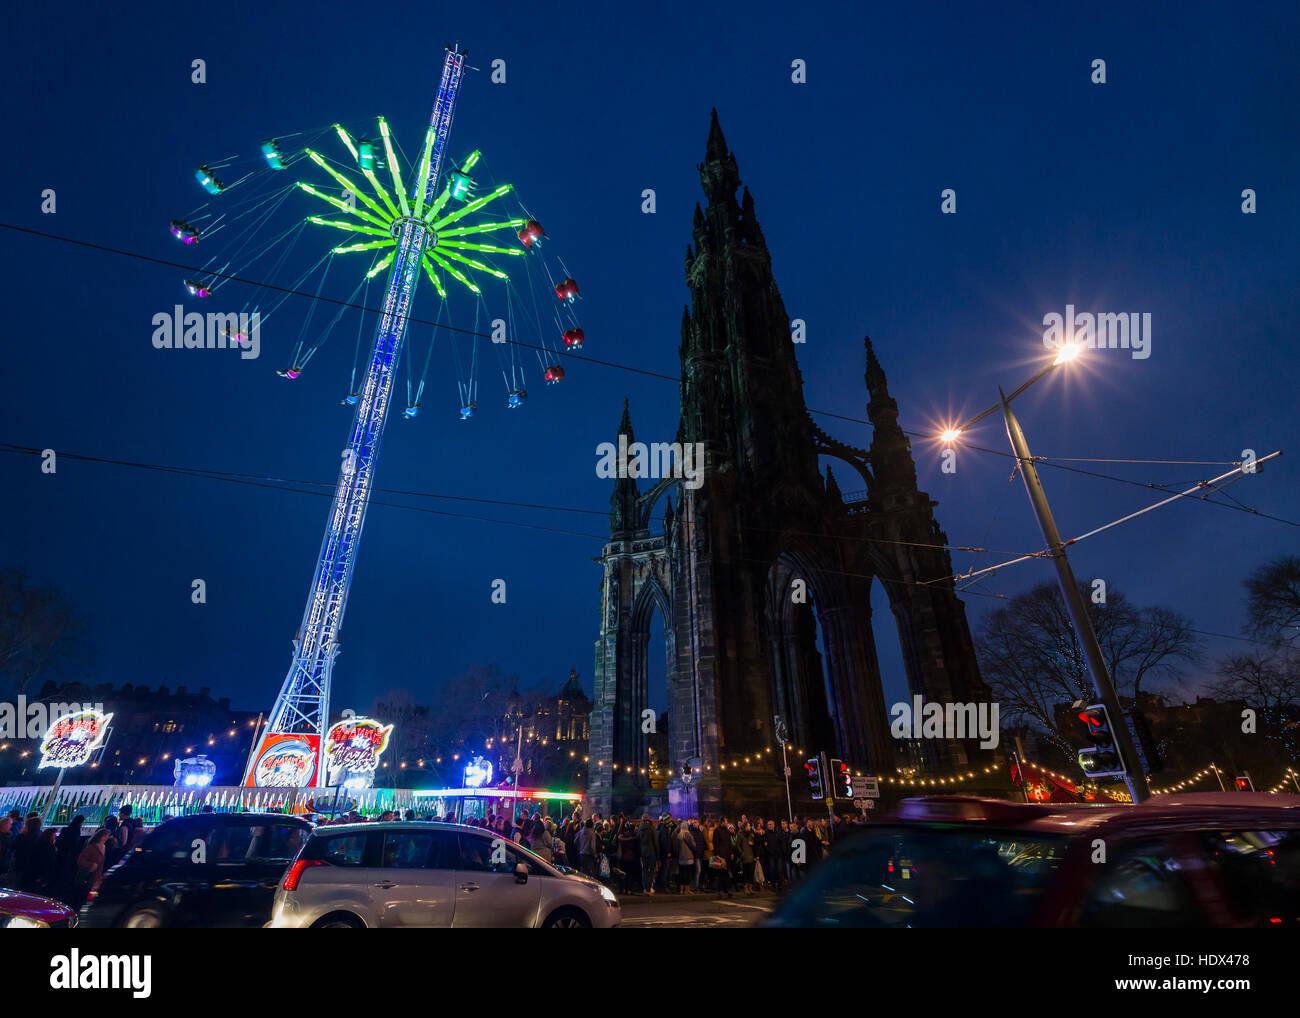 edinburgh christmas tourism scotland christmas market princes street scott memorial and fair